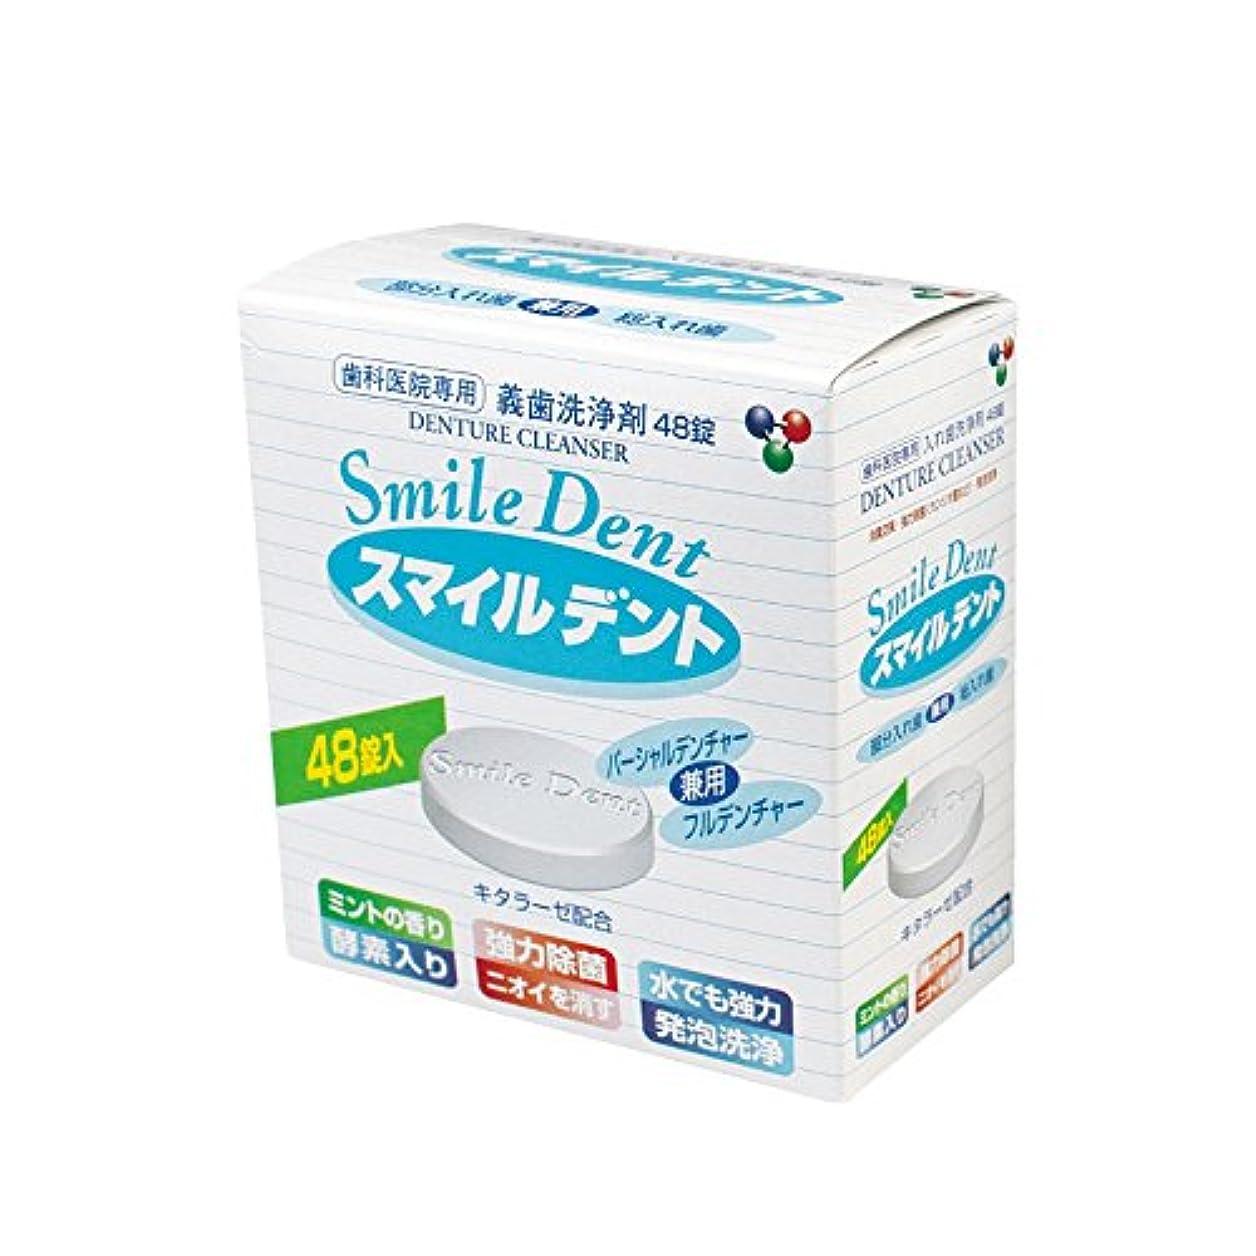 窓優れたアプト義歯洗浄剤 スマイルデント 1箱(48錠)